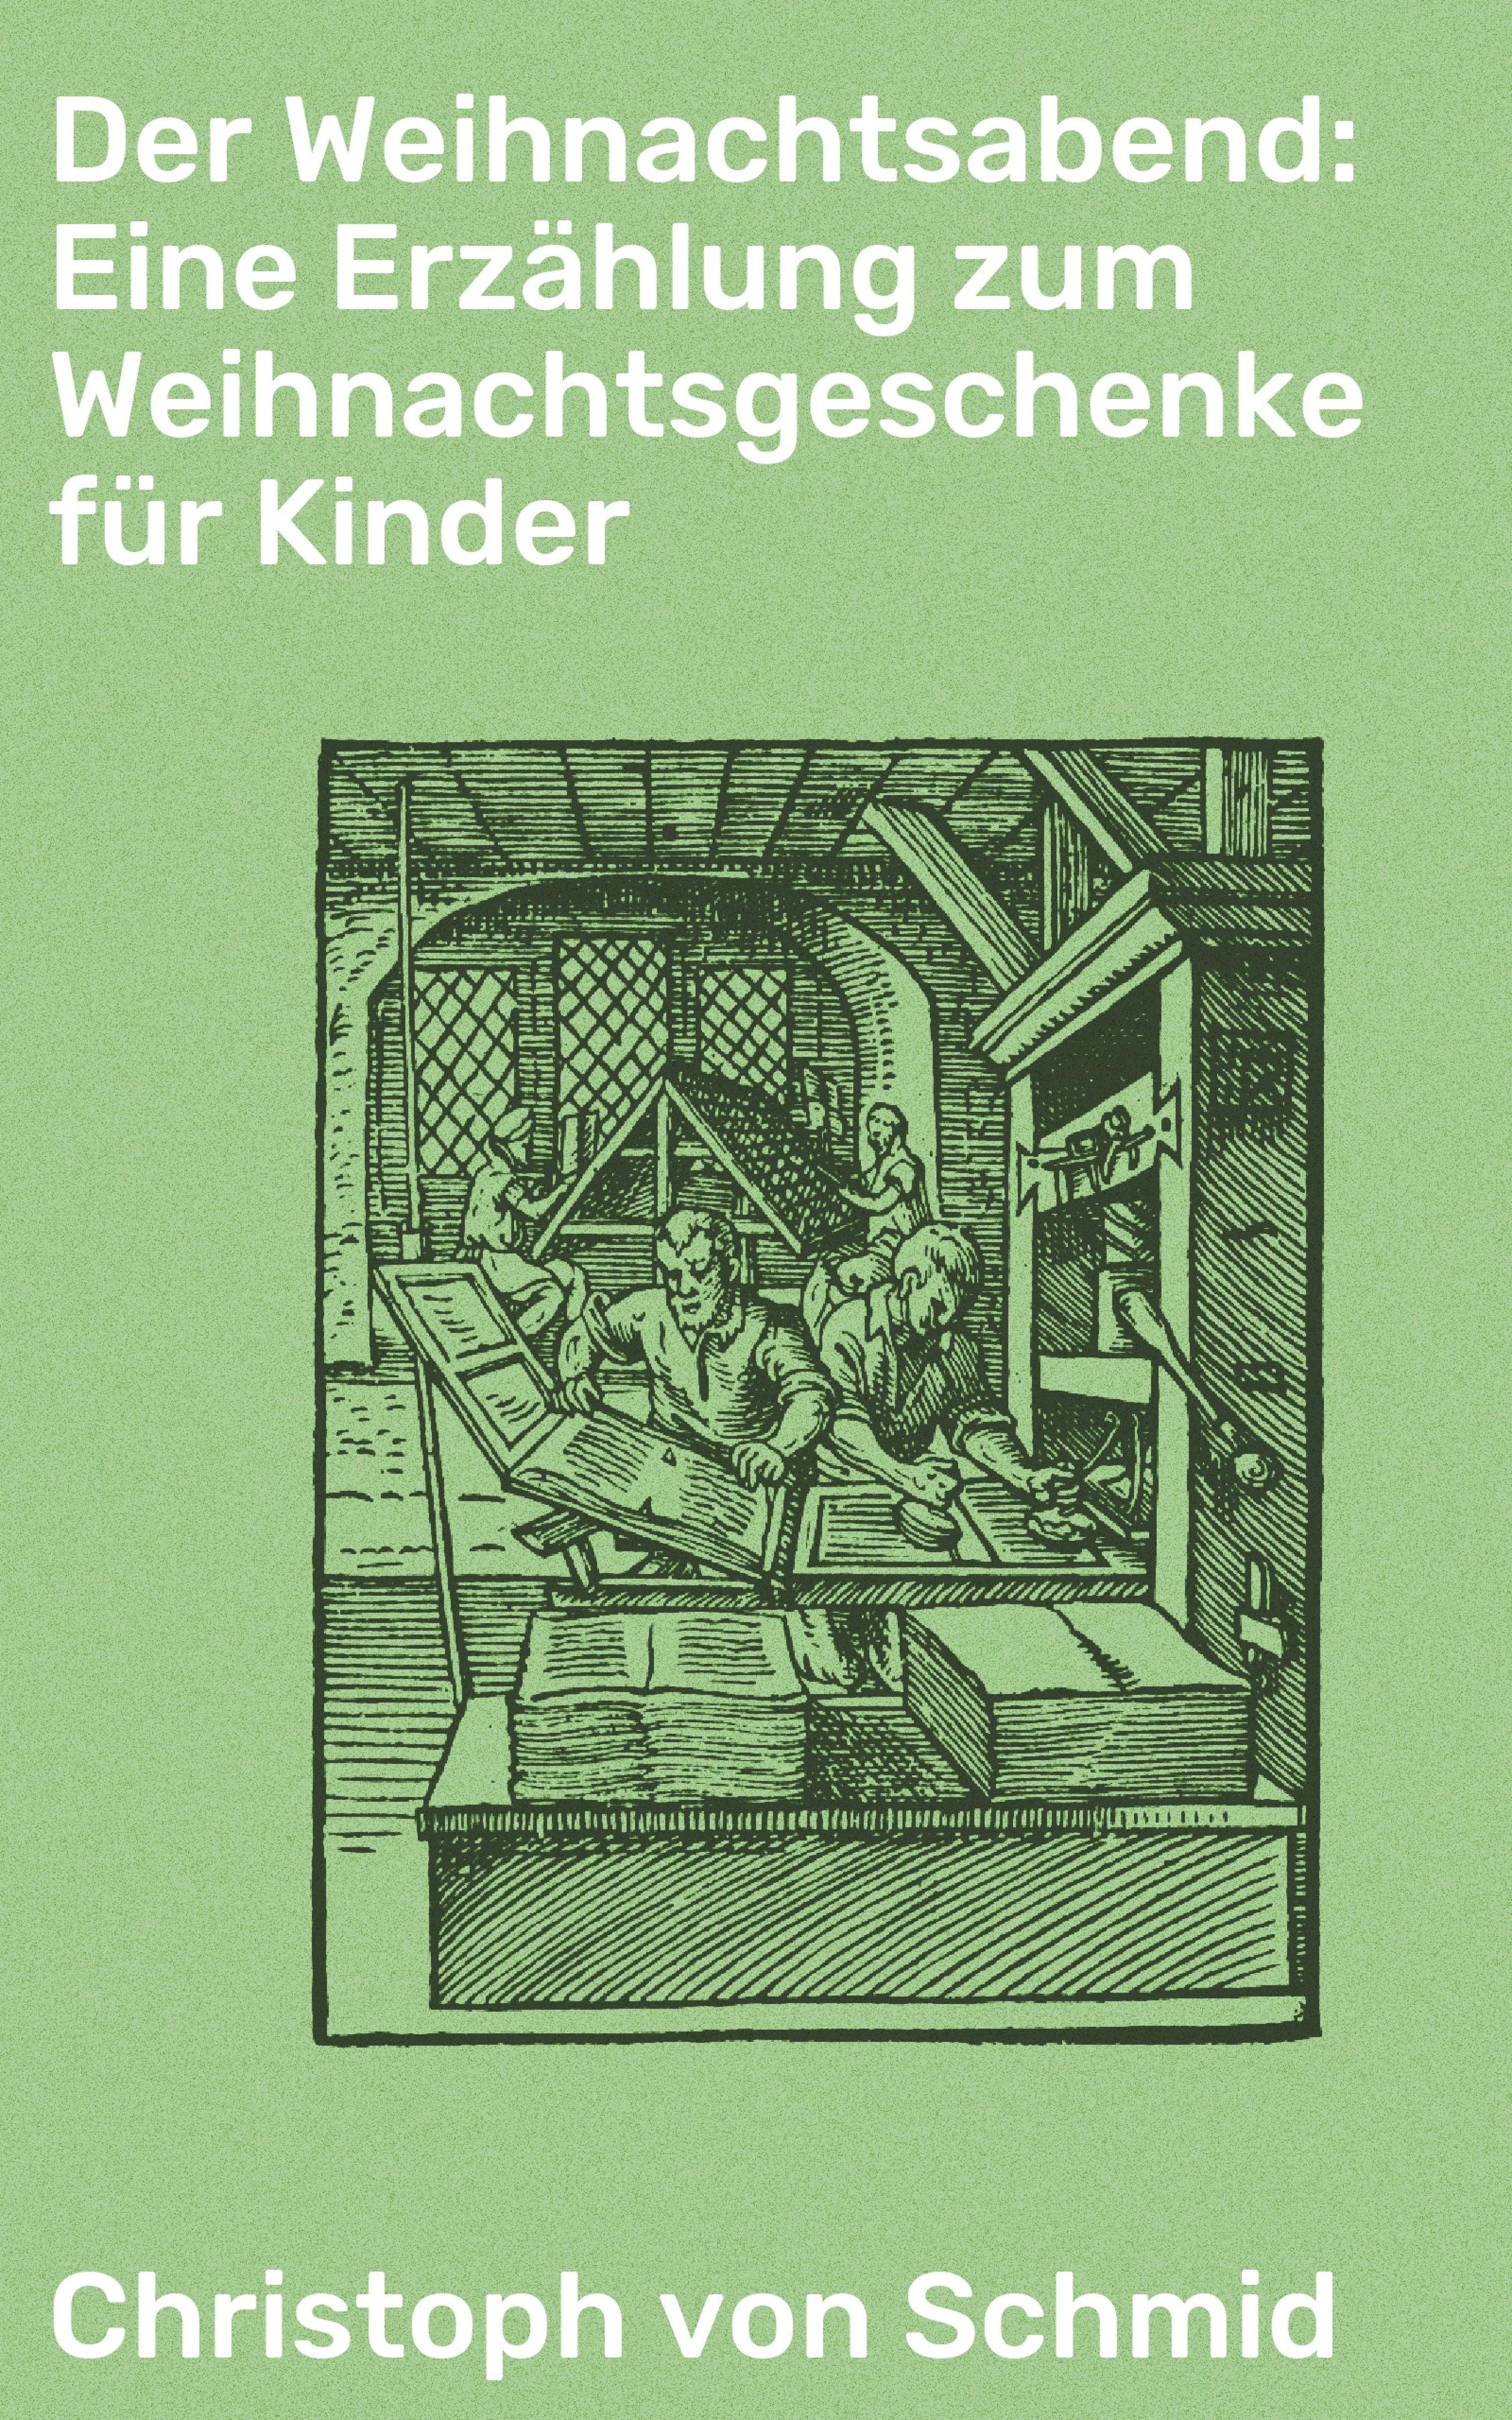 Der Weihnachtsabend: Eine Erzählung zum Weihnachtsgeschenke für Kinder ( Christoph von  Schmid  )